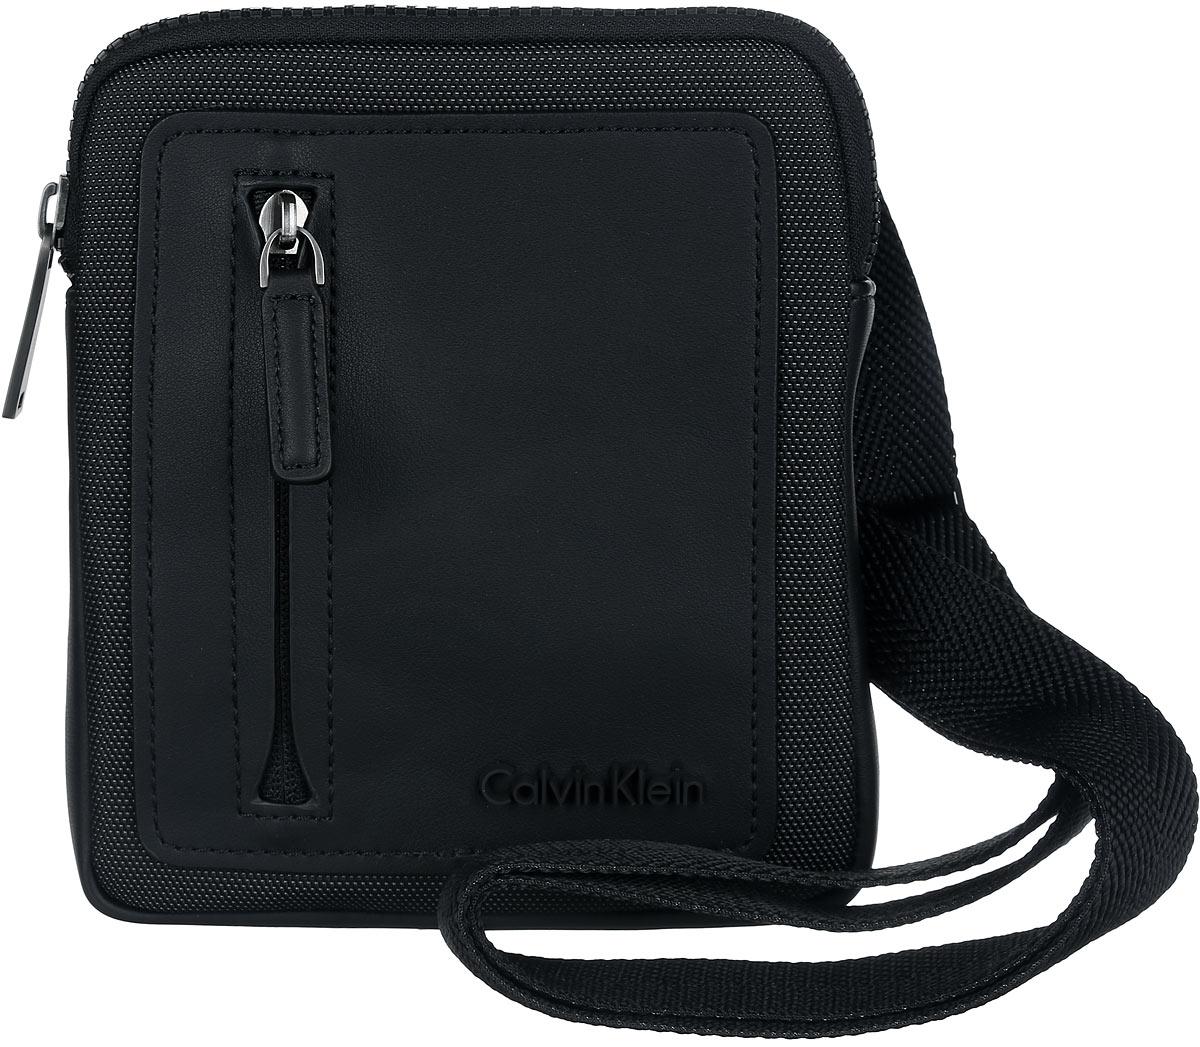 Сумка мужская Calvin Klein Jeans, цвет: черный. K50K501607_0010 сумка мужская calvin klein jeans цвет серый k50k502853 411